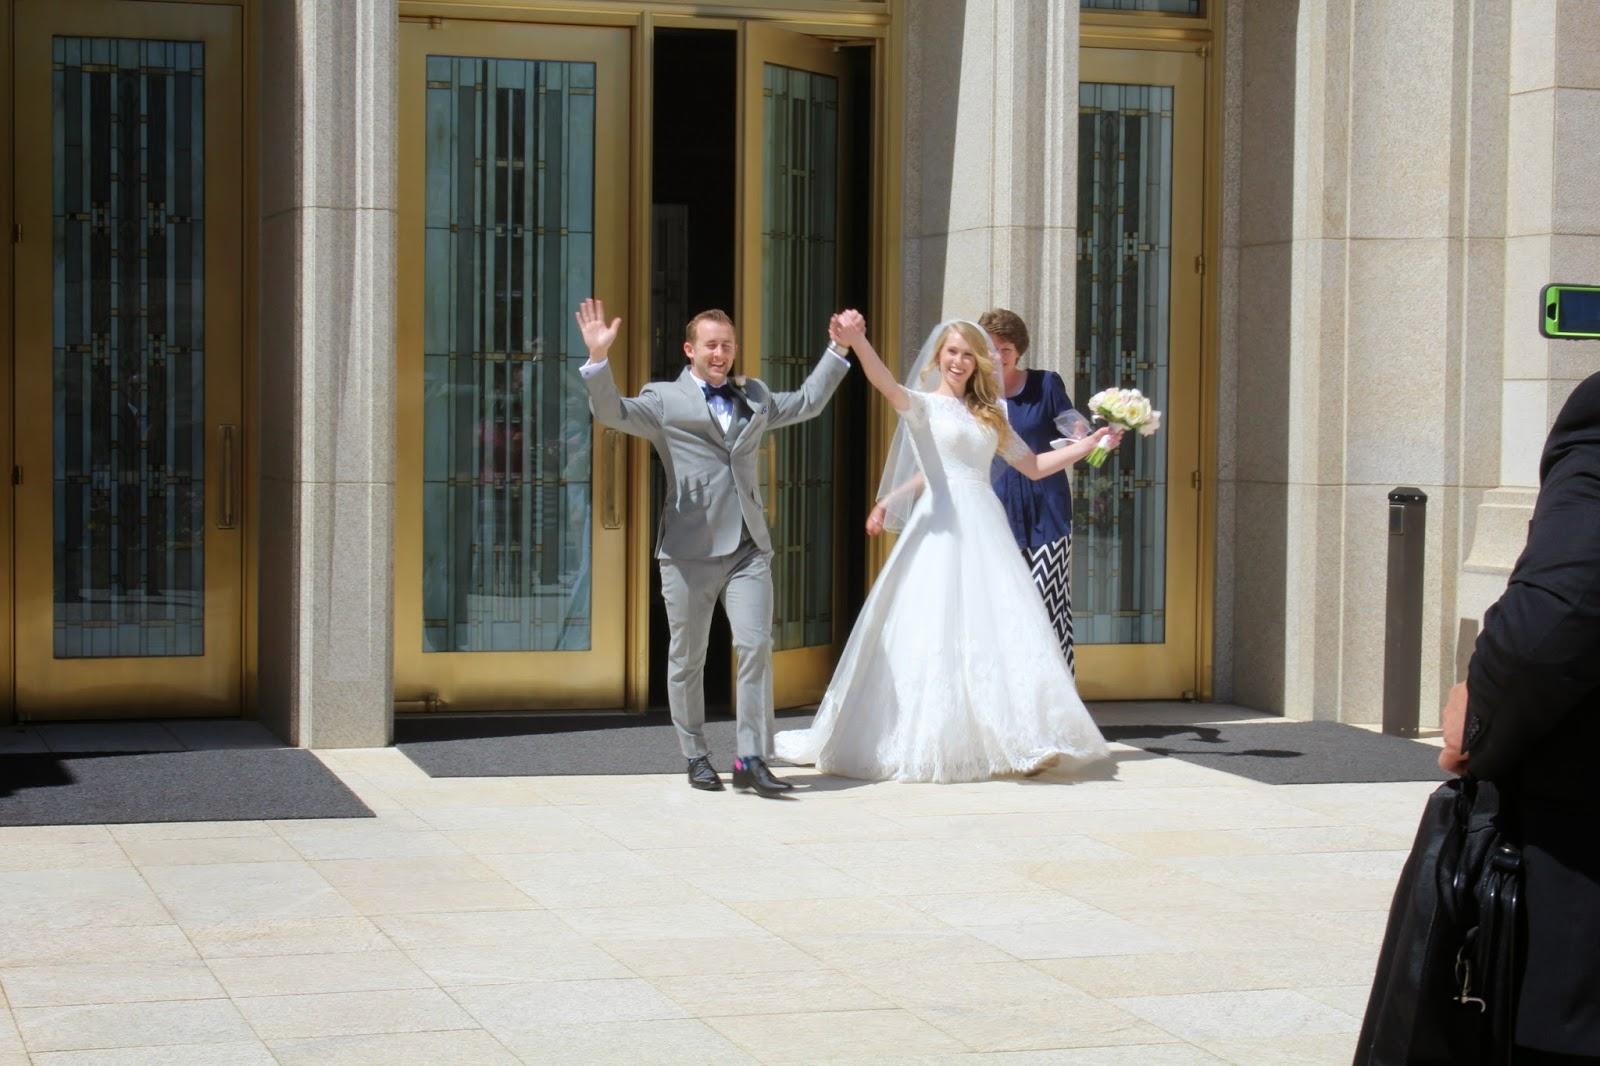 Mr. and Mrs. Boyce